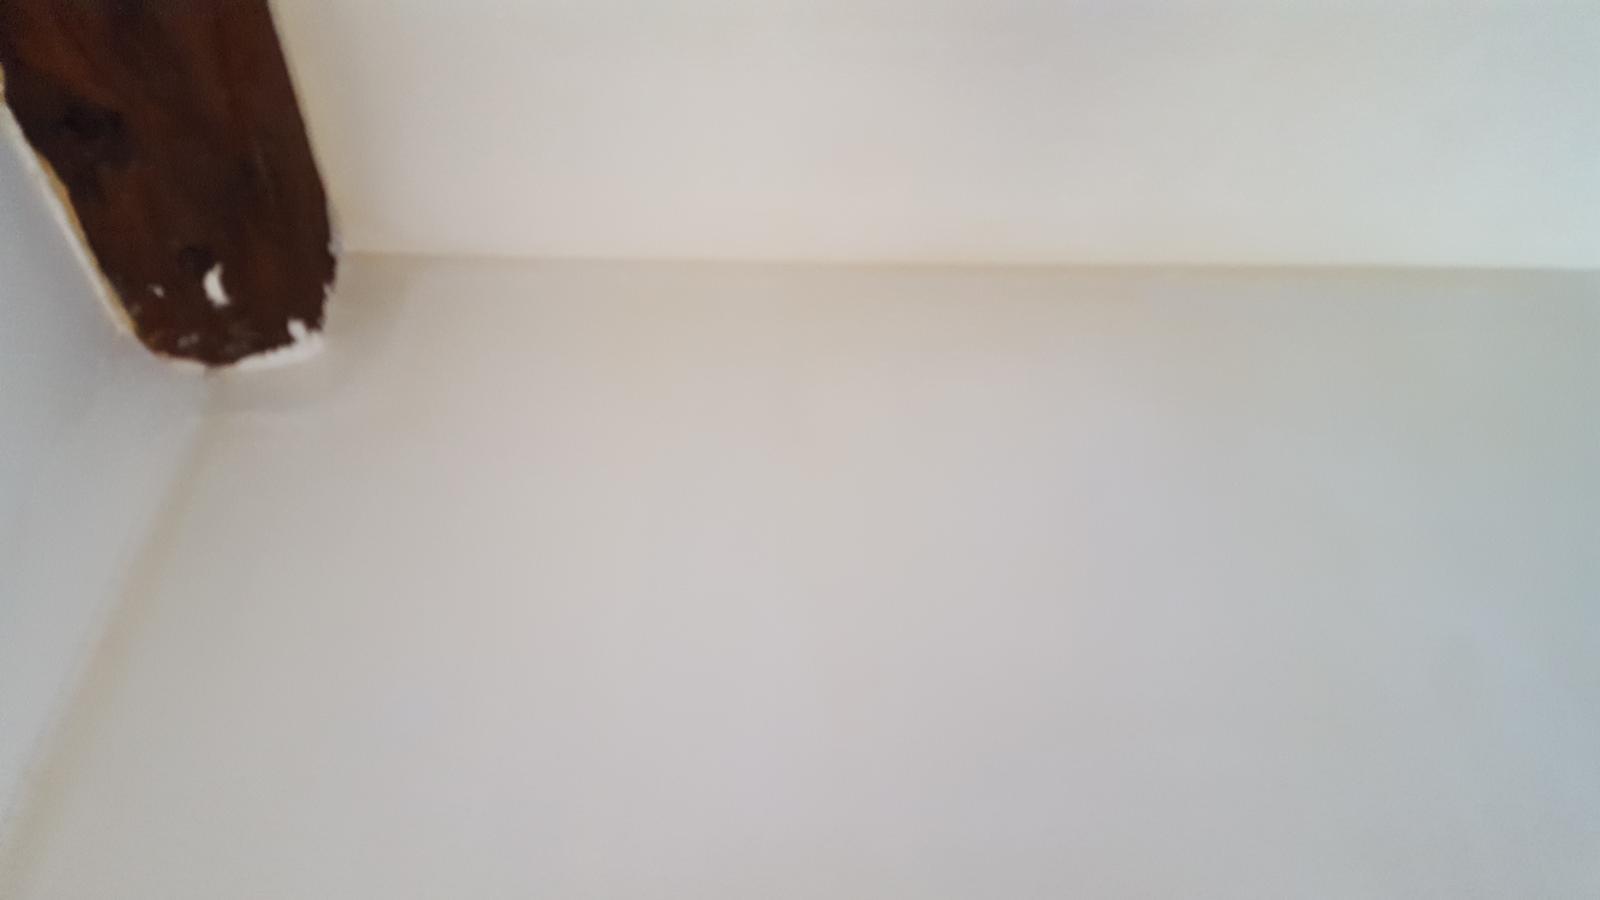 murs qui jaunissent apr s peinture blanche. Black Bedroom Furniture Sets. Home Design Ideas